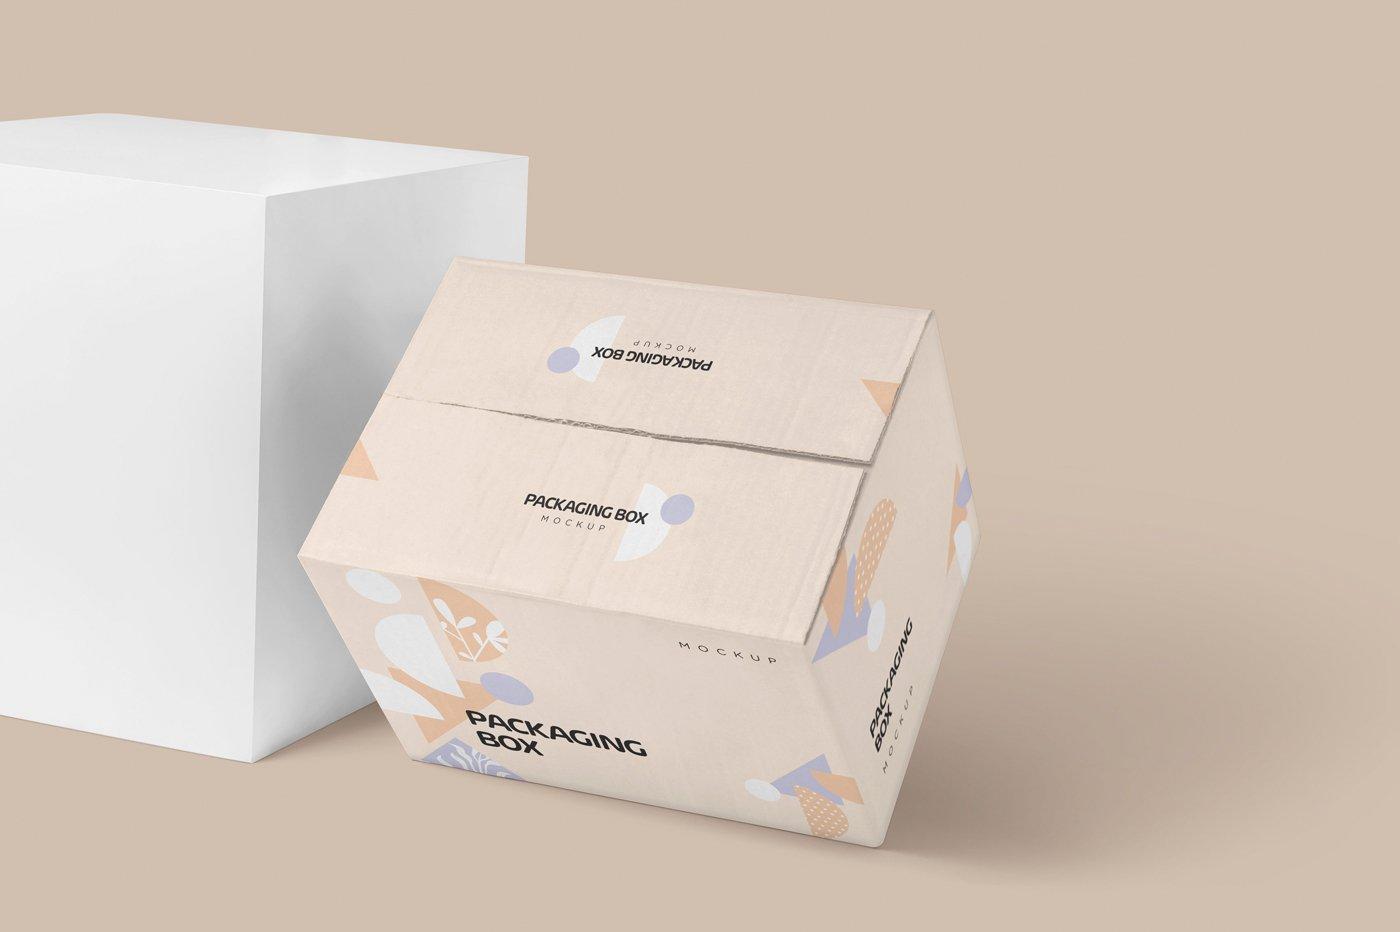 矩形瓦楞硬纸板快递包装箱设计展示样机 Rectangular Cardboard Box Mockups插图(1)